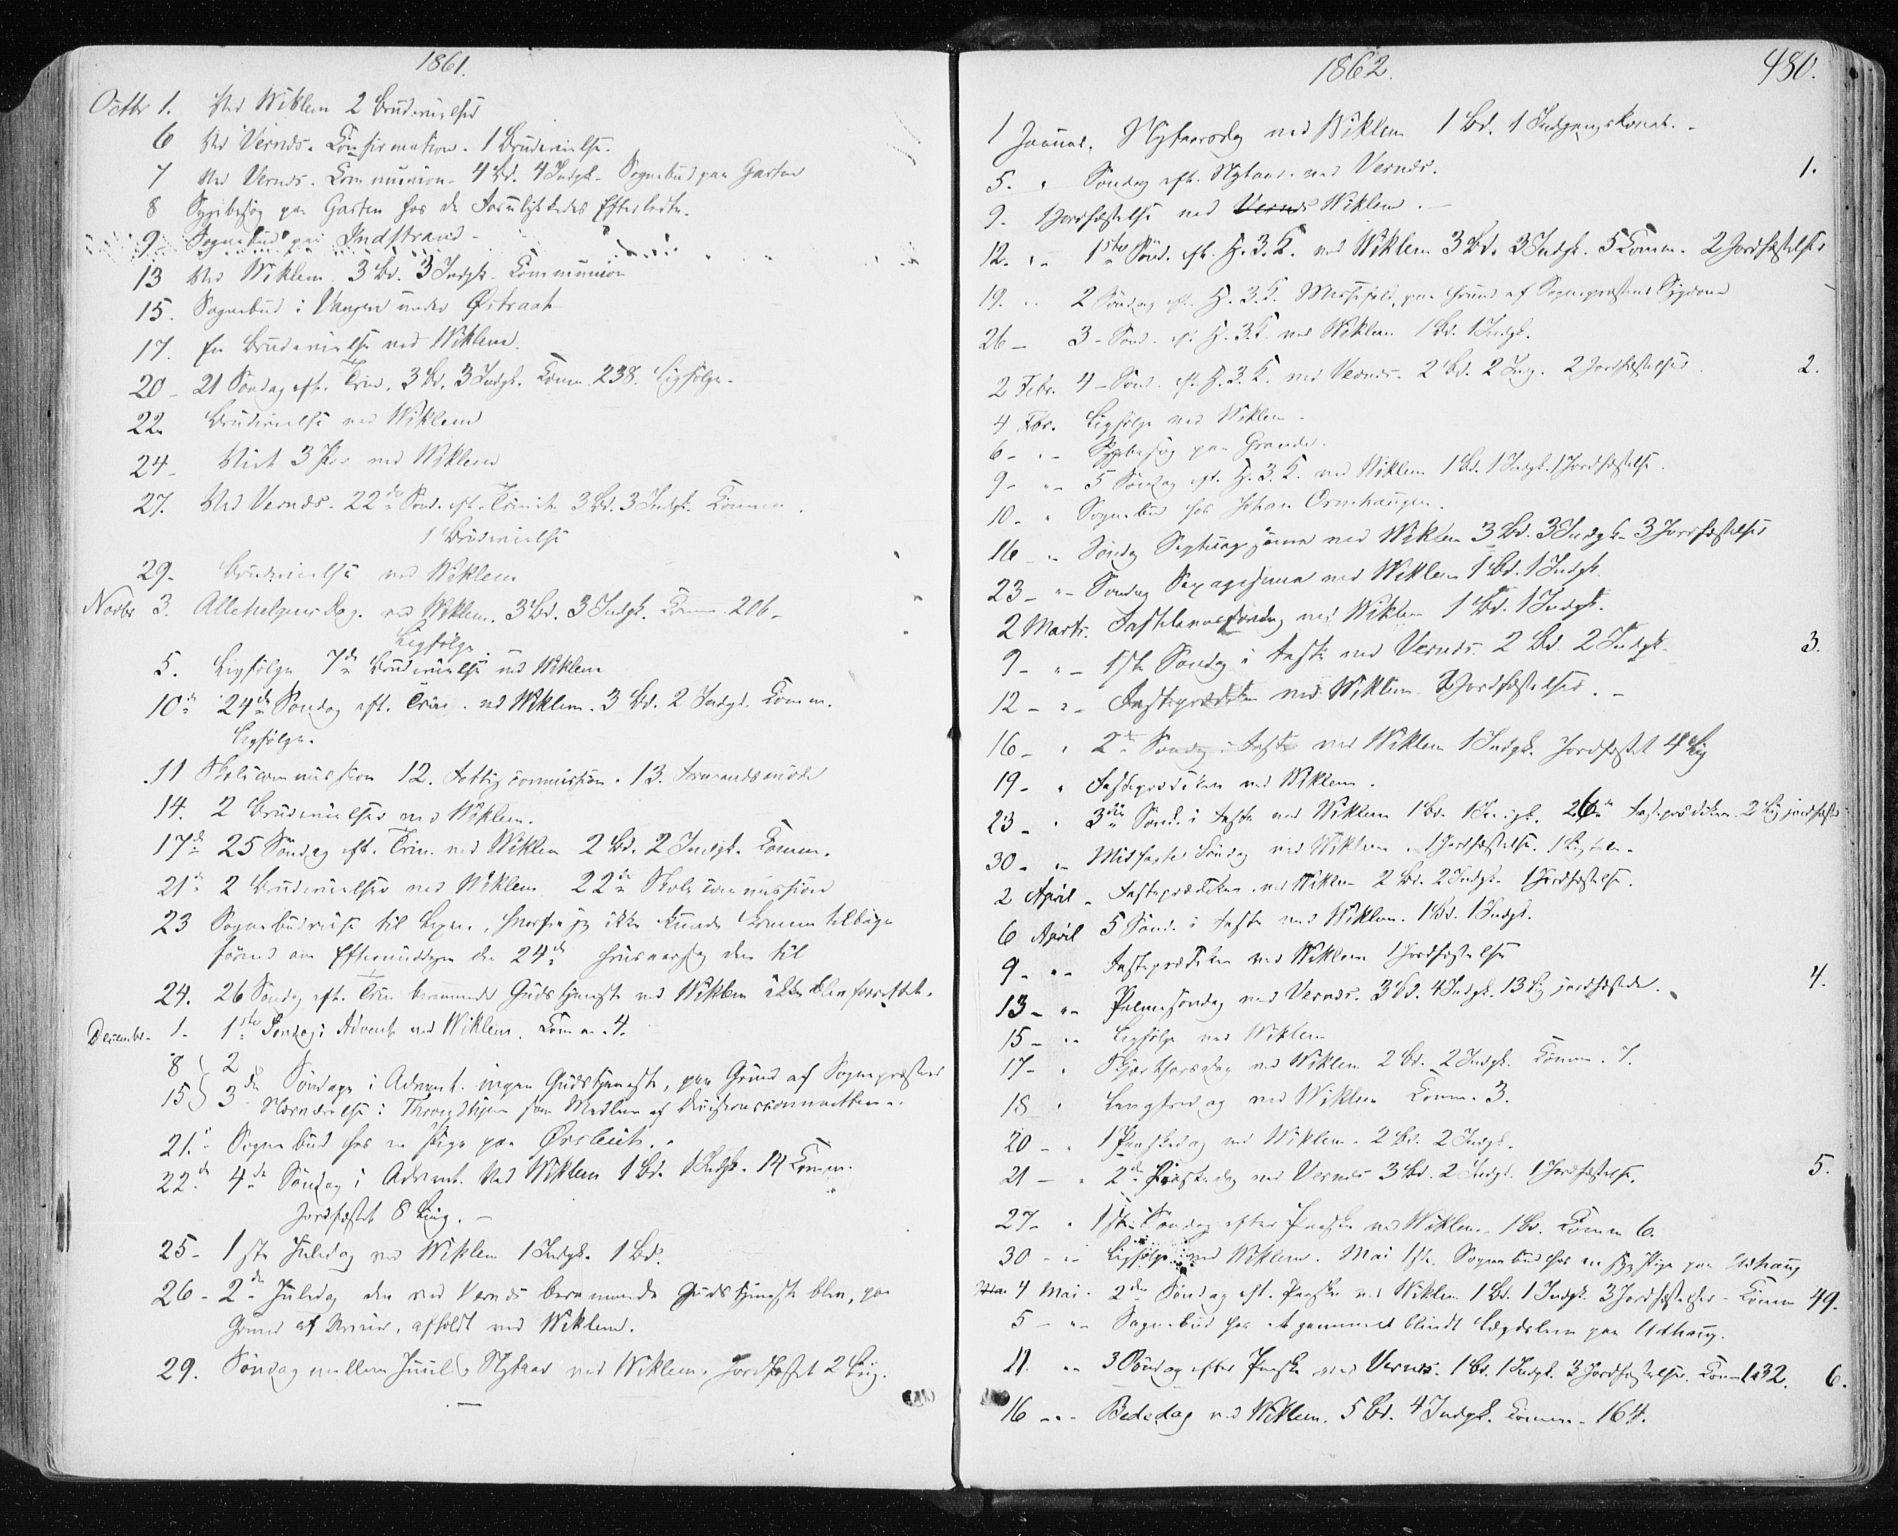 SAT, Ministerialprotokoller, klokkerbøker og fødselsregistre - Sør-Trøndelag, 659/L0737: Ministerialbok nr. 659A07, 1857-1875, s. 480